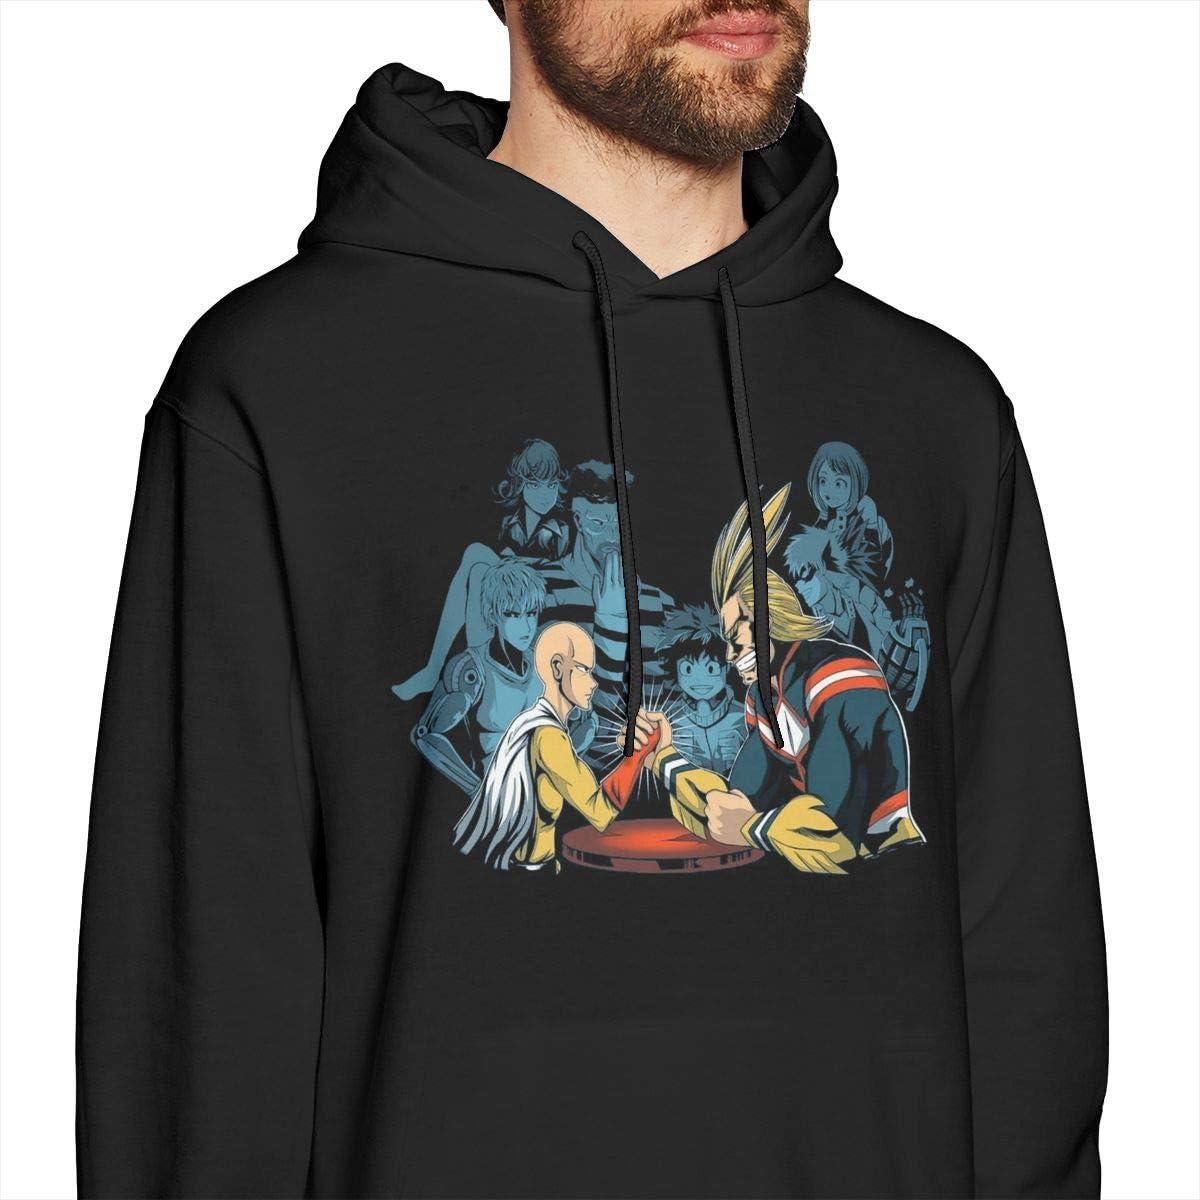 zhkx Wer würde Saitama & All Might Mens Pullover Hoodies mit Rundhalsausschnitt und Langen Ärmeln gewinnen? Schwarz Xxx-large style1